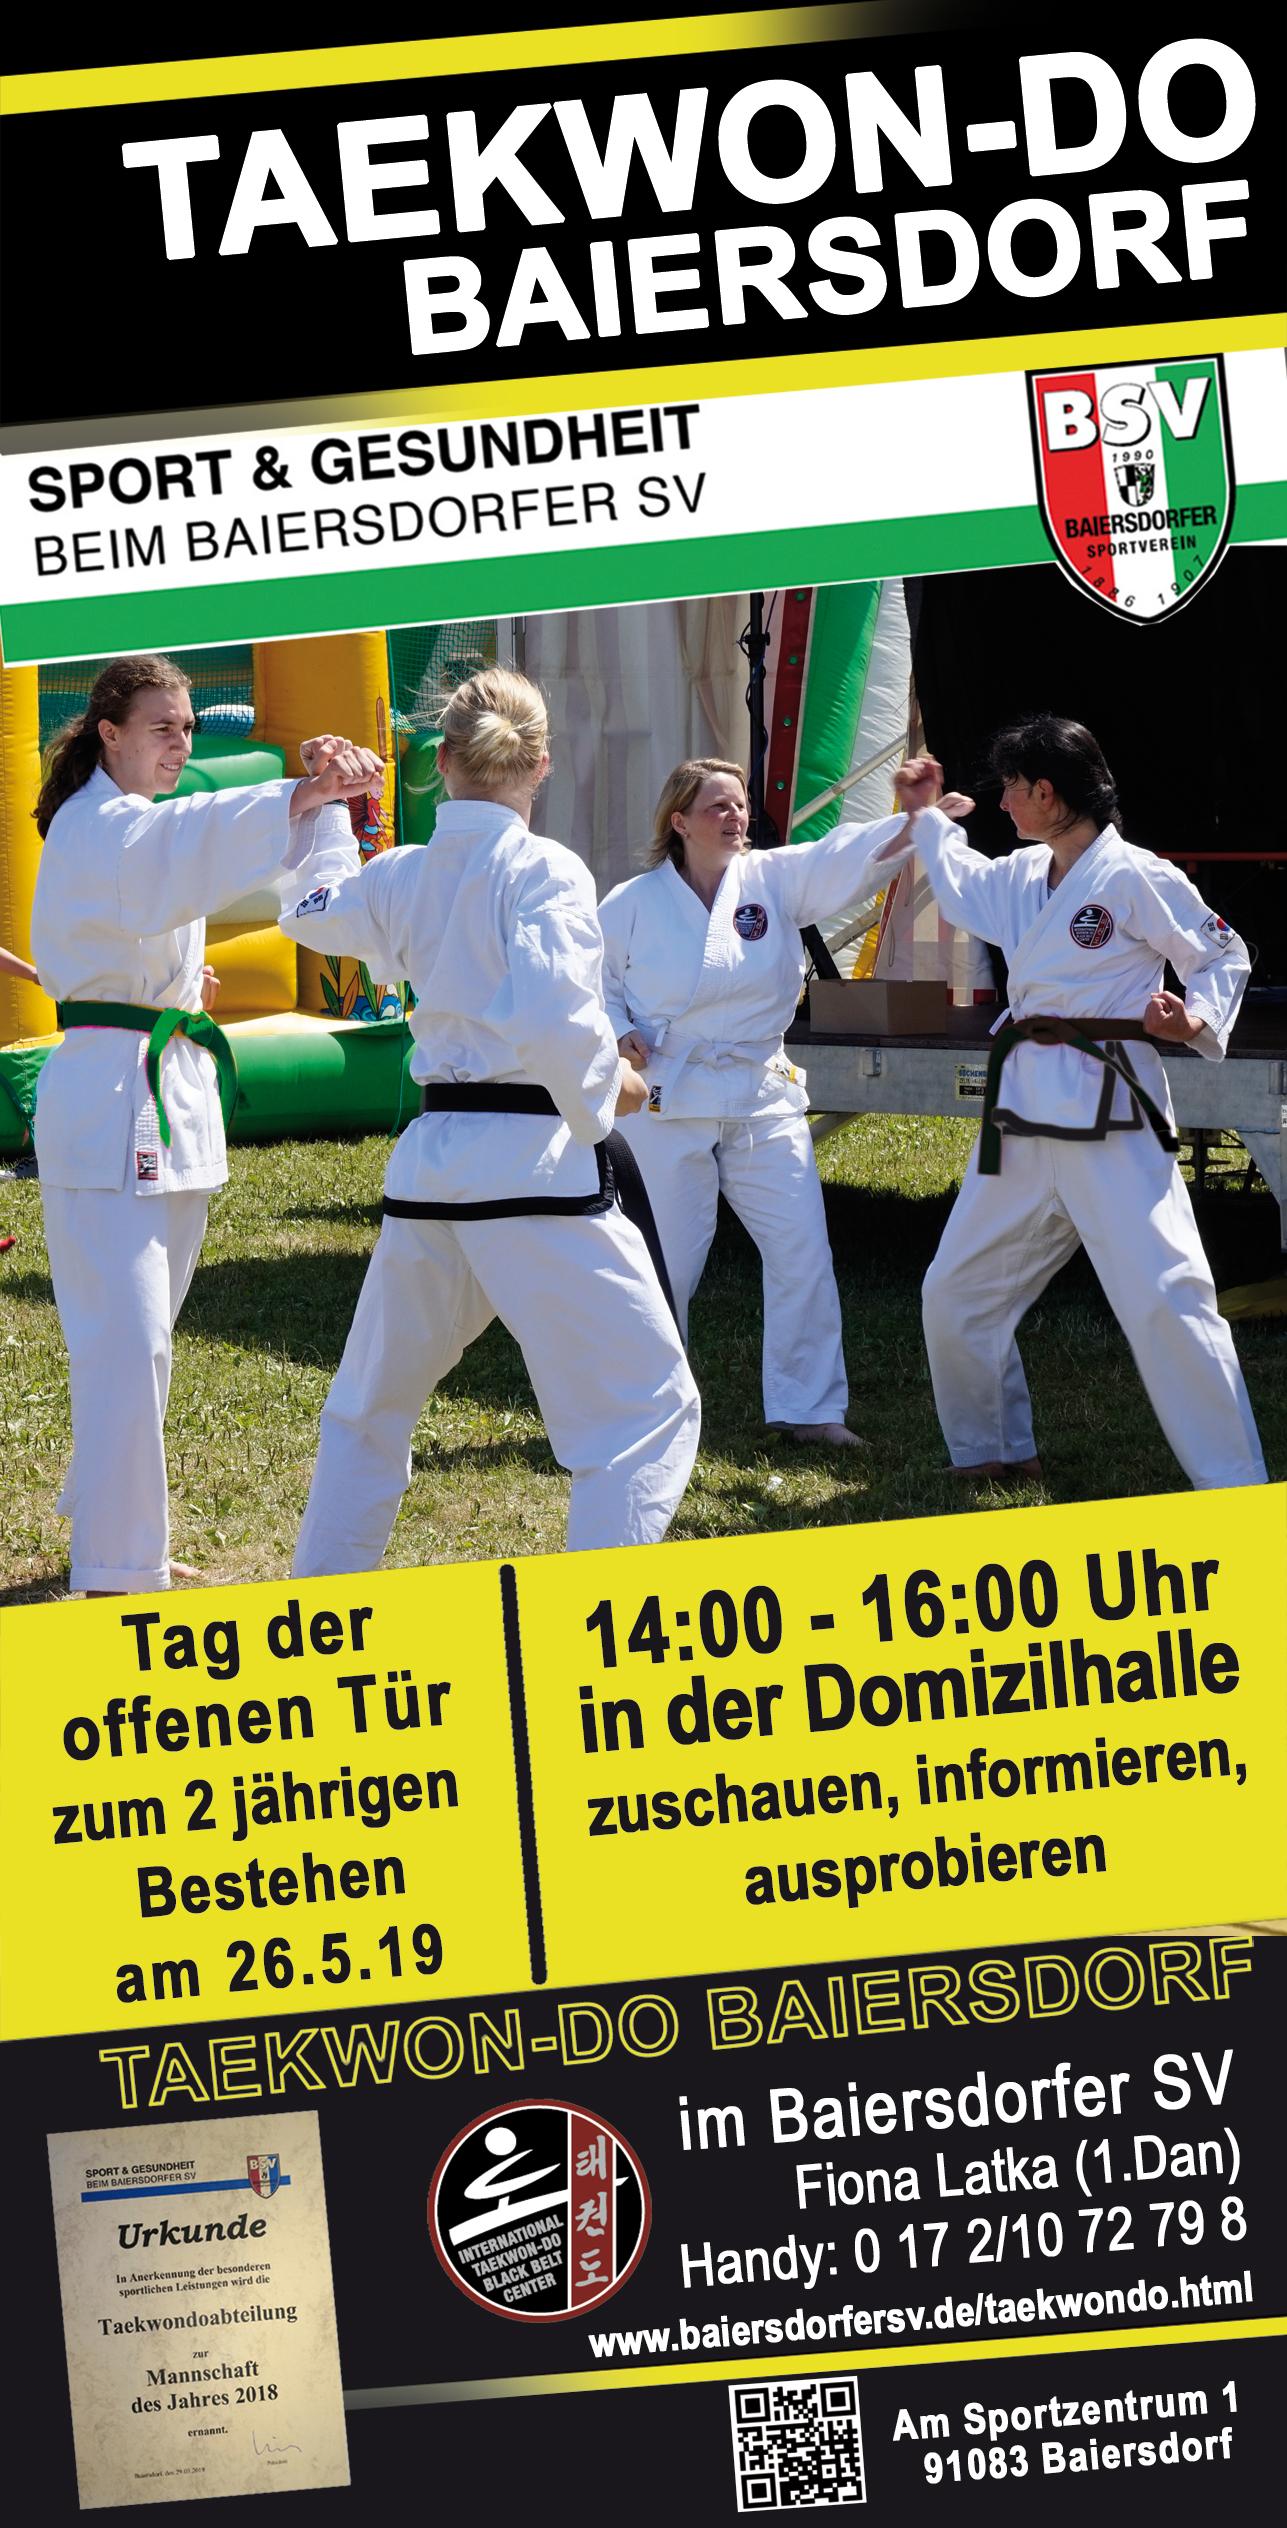 » Bilder-Abteilungen/Teakwondo » Flyer_TagderoffenenTuer.jpg